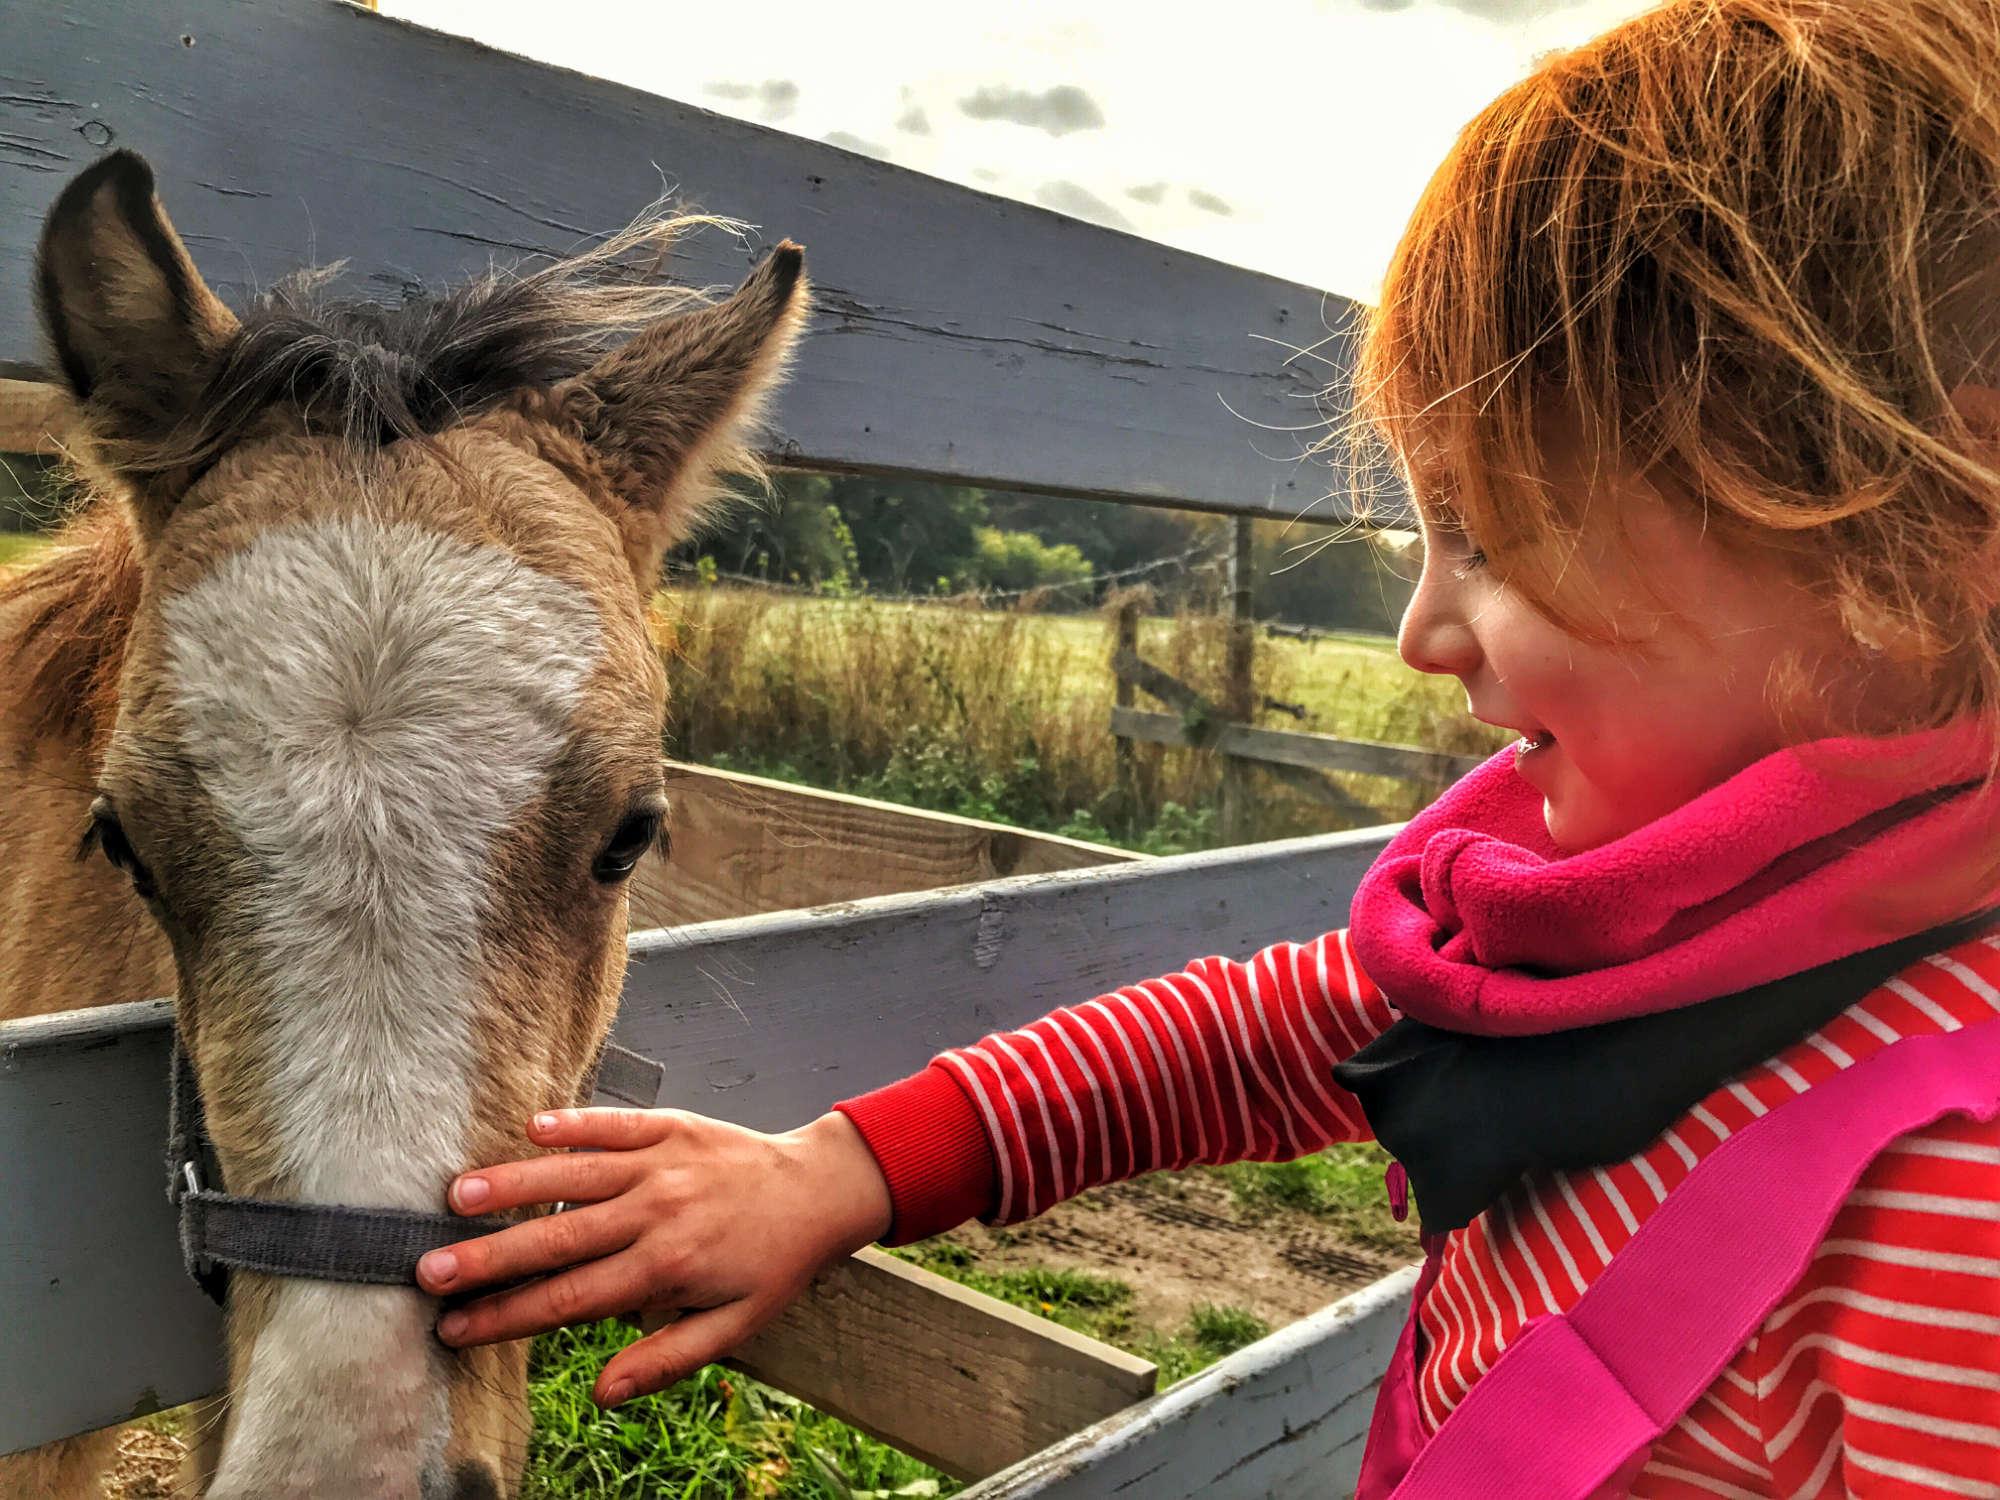 Beitragsbild Hobbies für Kinder. Kind streichelt Pferd